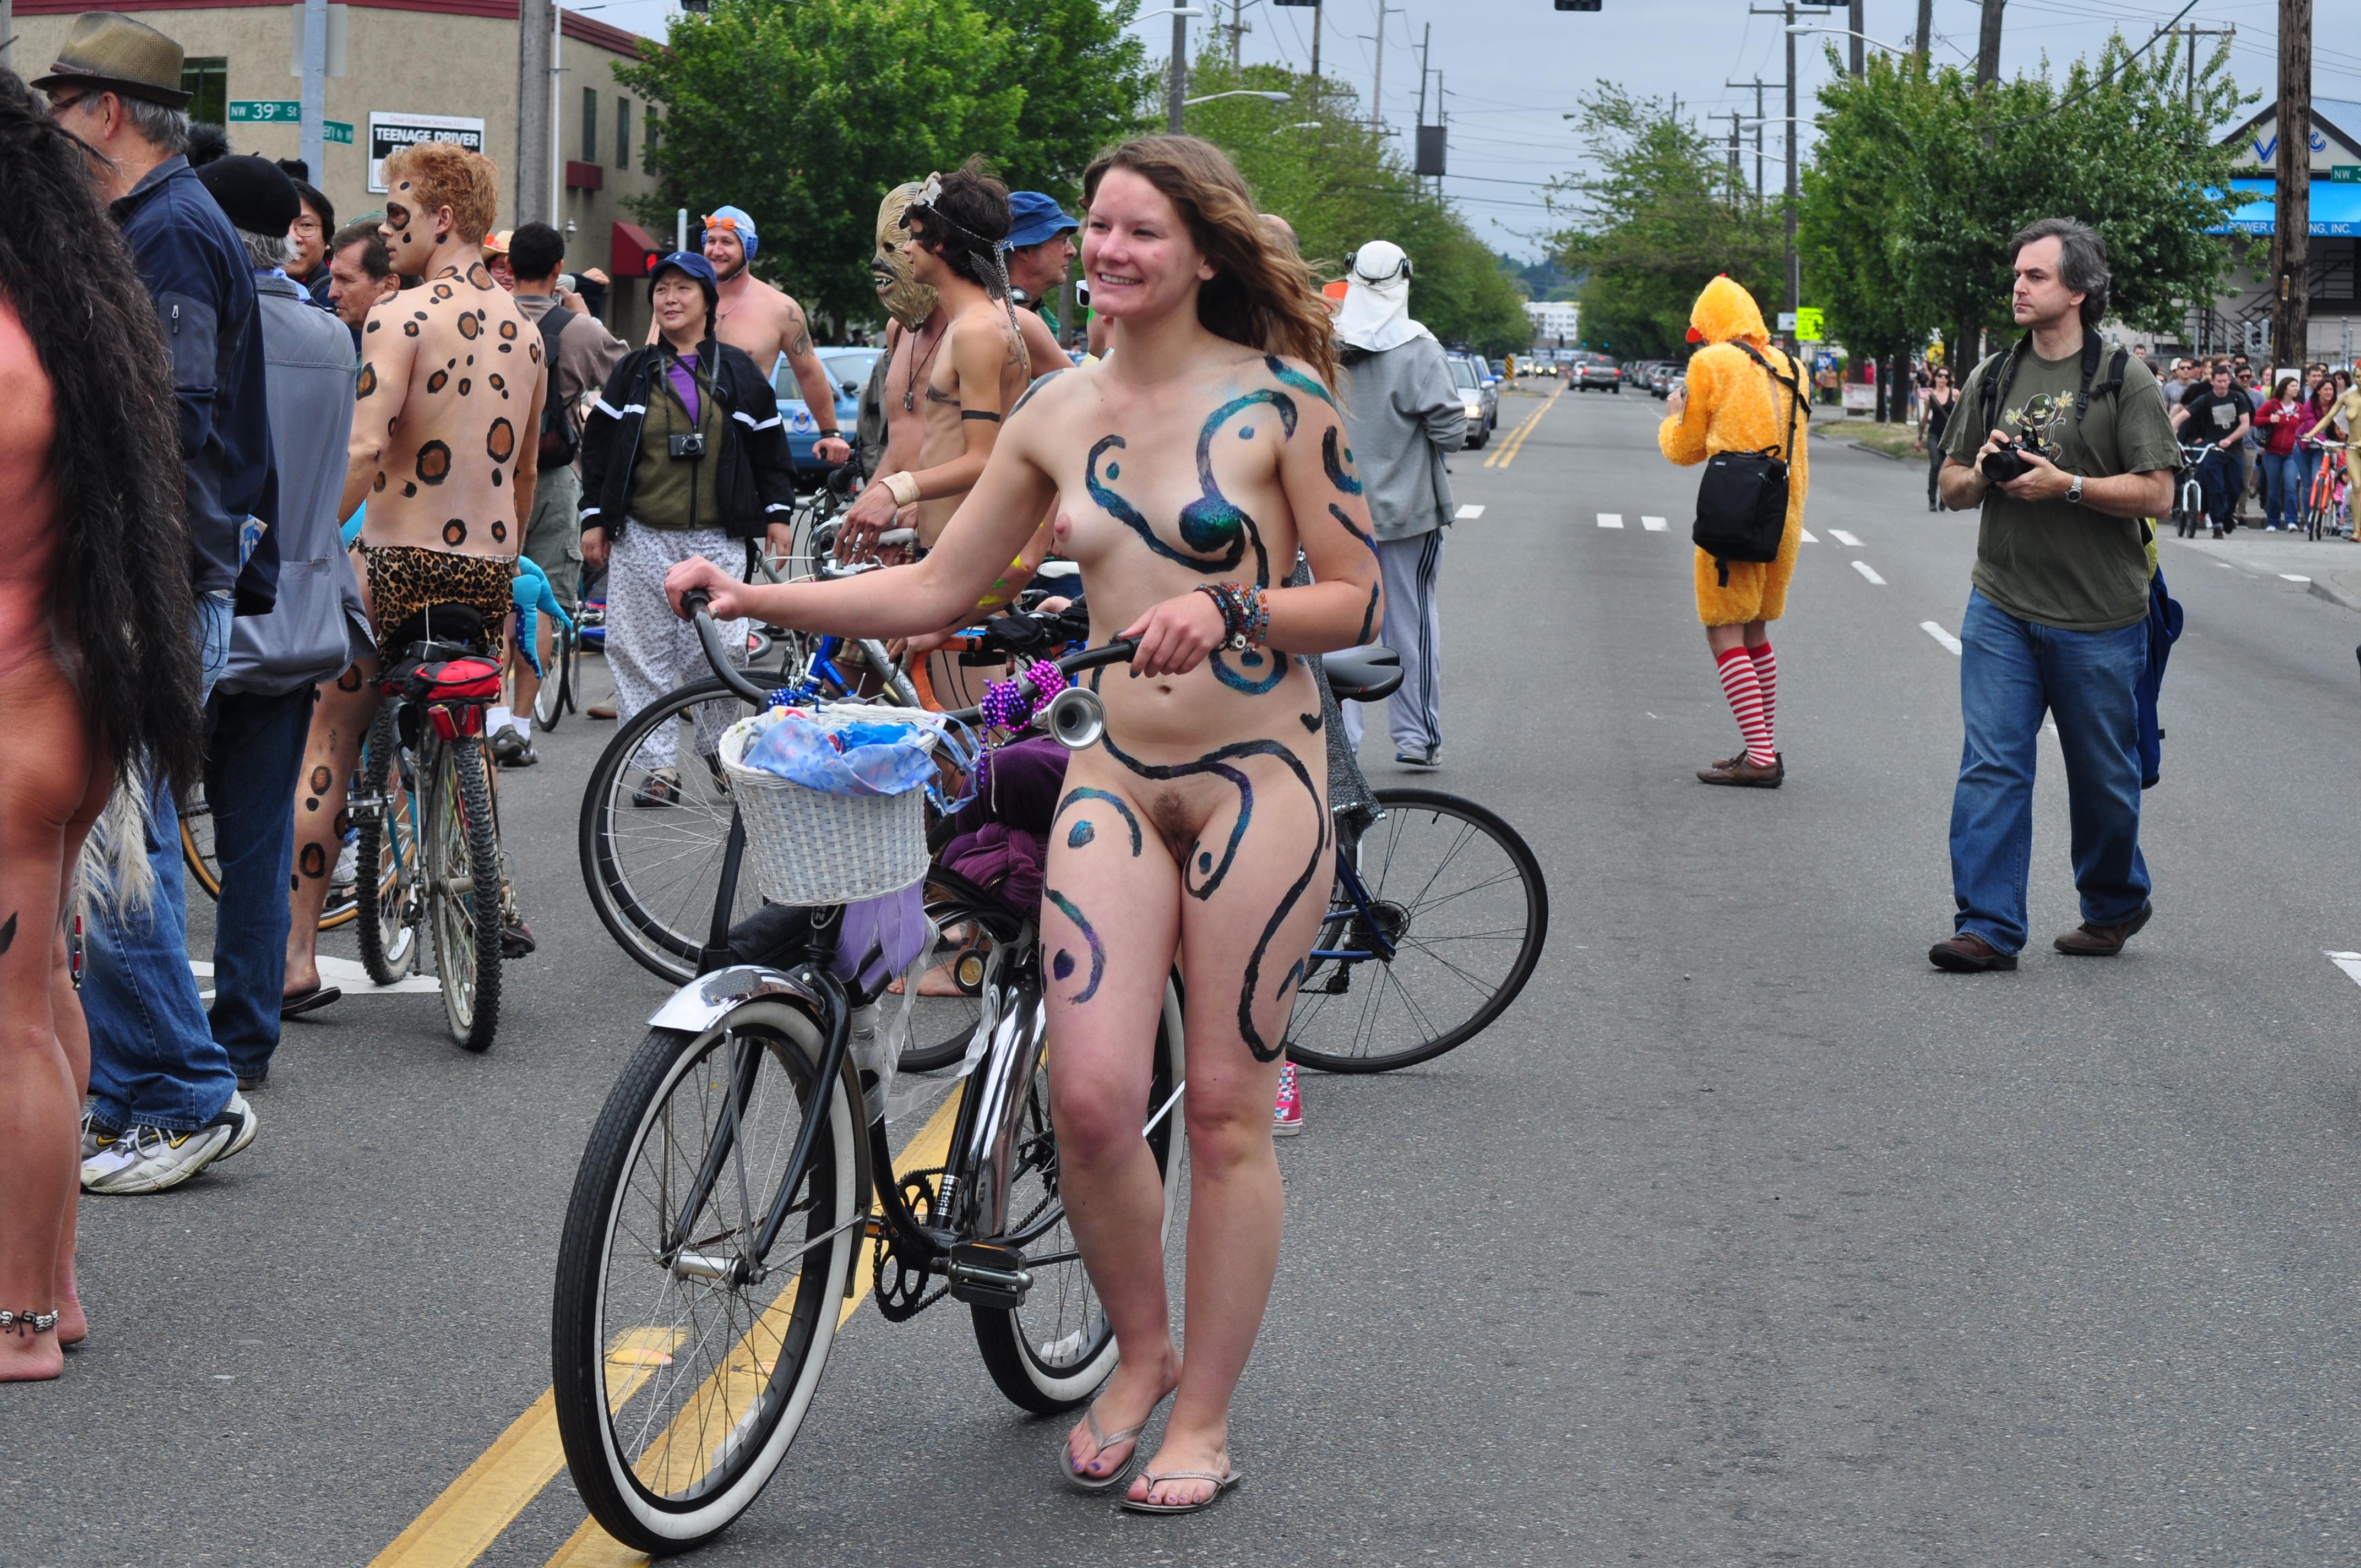 Fremont solstice nude bike